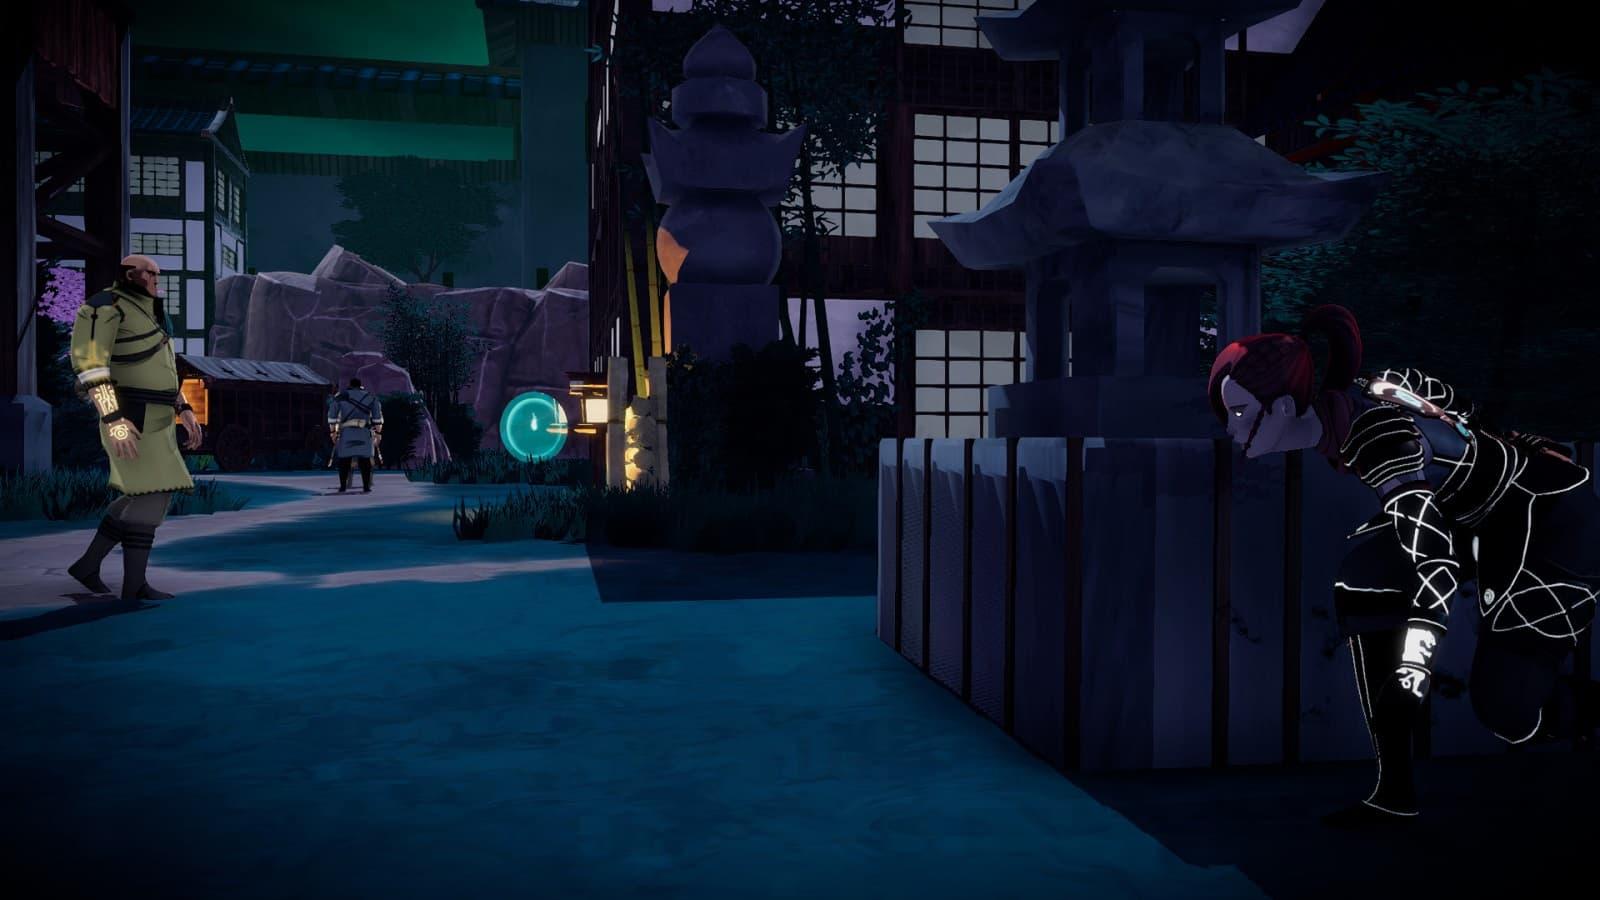 Aragami, Aragami Shadow Edition, Aragami Nightfall, DLC, Indie Game, Stealth, Review, дополнение к Арагами, Стелс, Рецензия, Обзор, Мнение, Отзыв